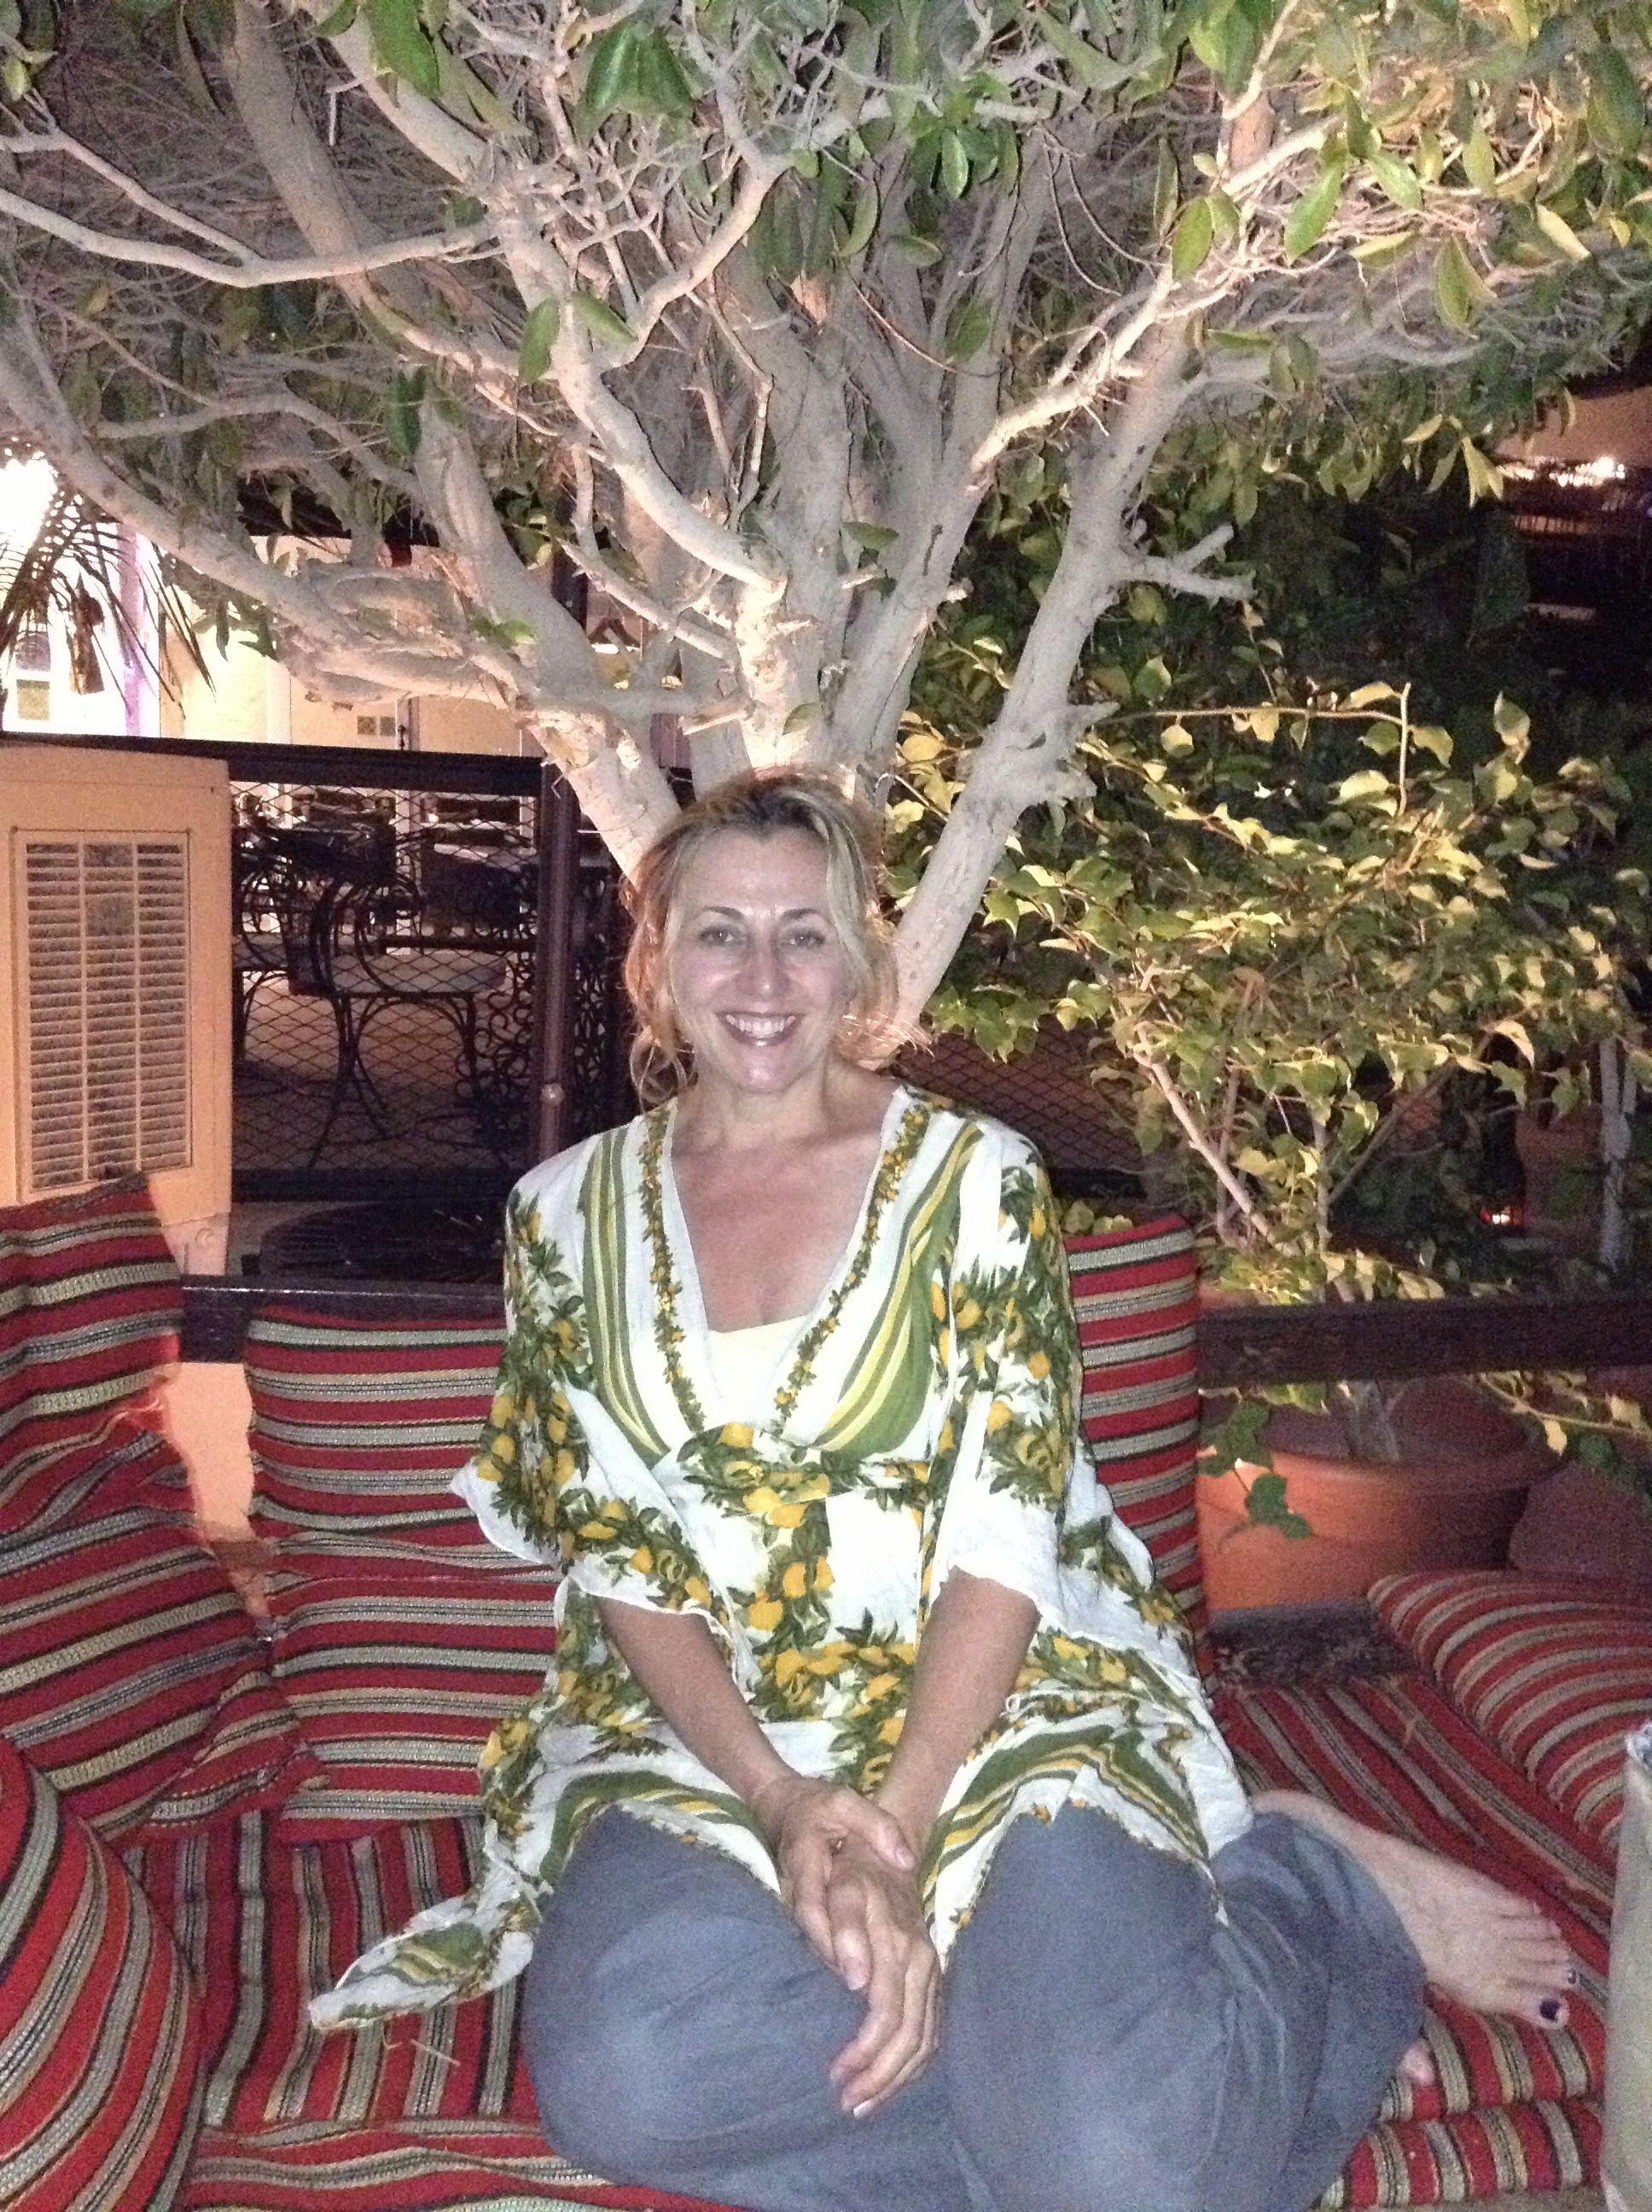 Me during post-Iftar tea at Kargeen Cafe | Oman | Iftar, Tea